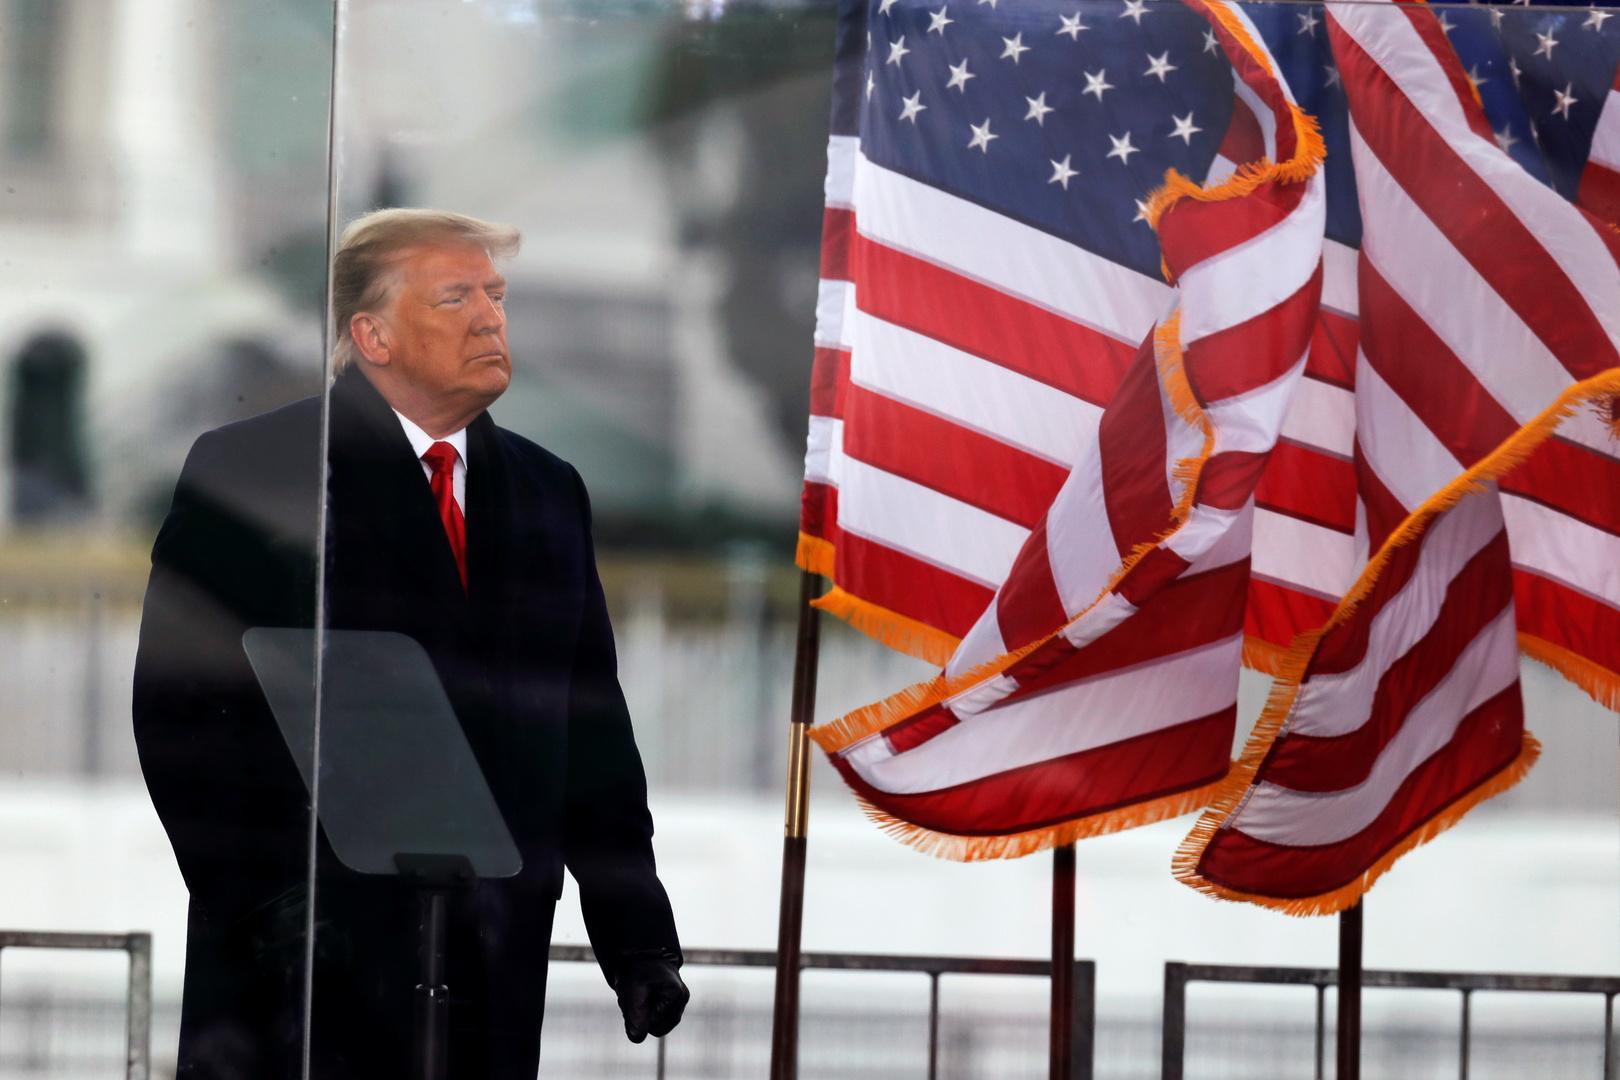 CNN: المستشار القانوني للبيت الأبيض ووزير العدل السابق حذرا ترامب من إصدار عفو عن نفسه